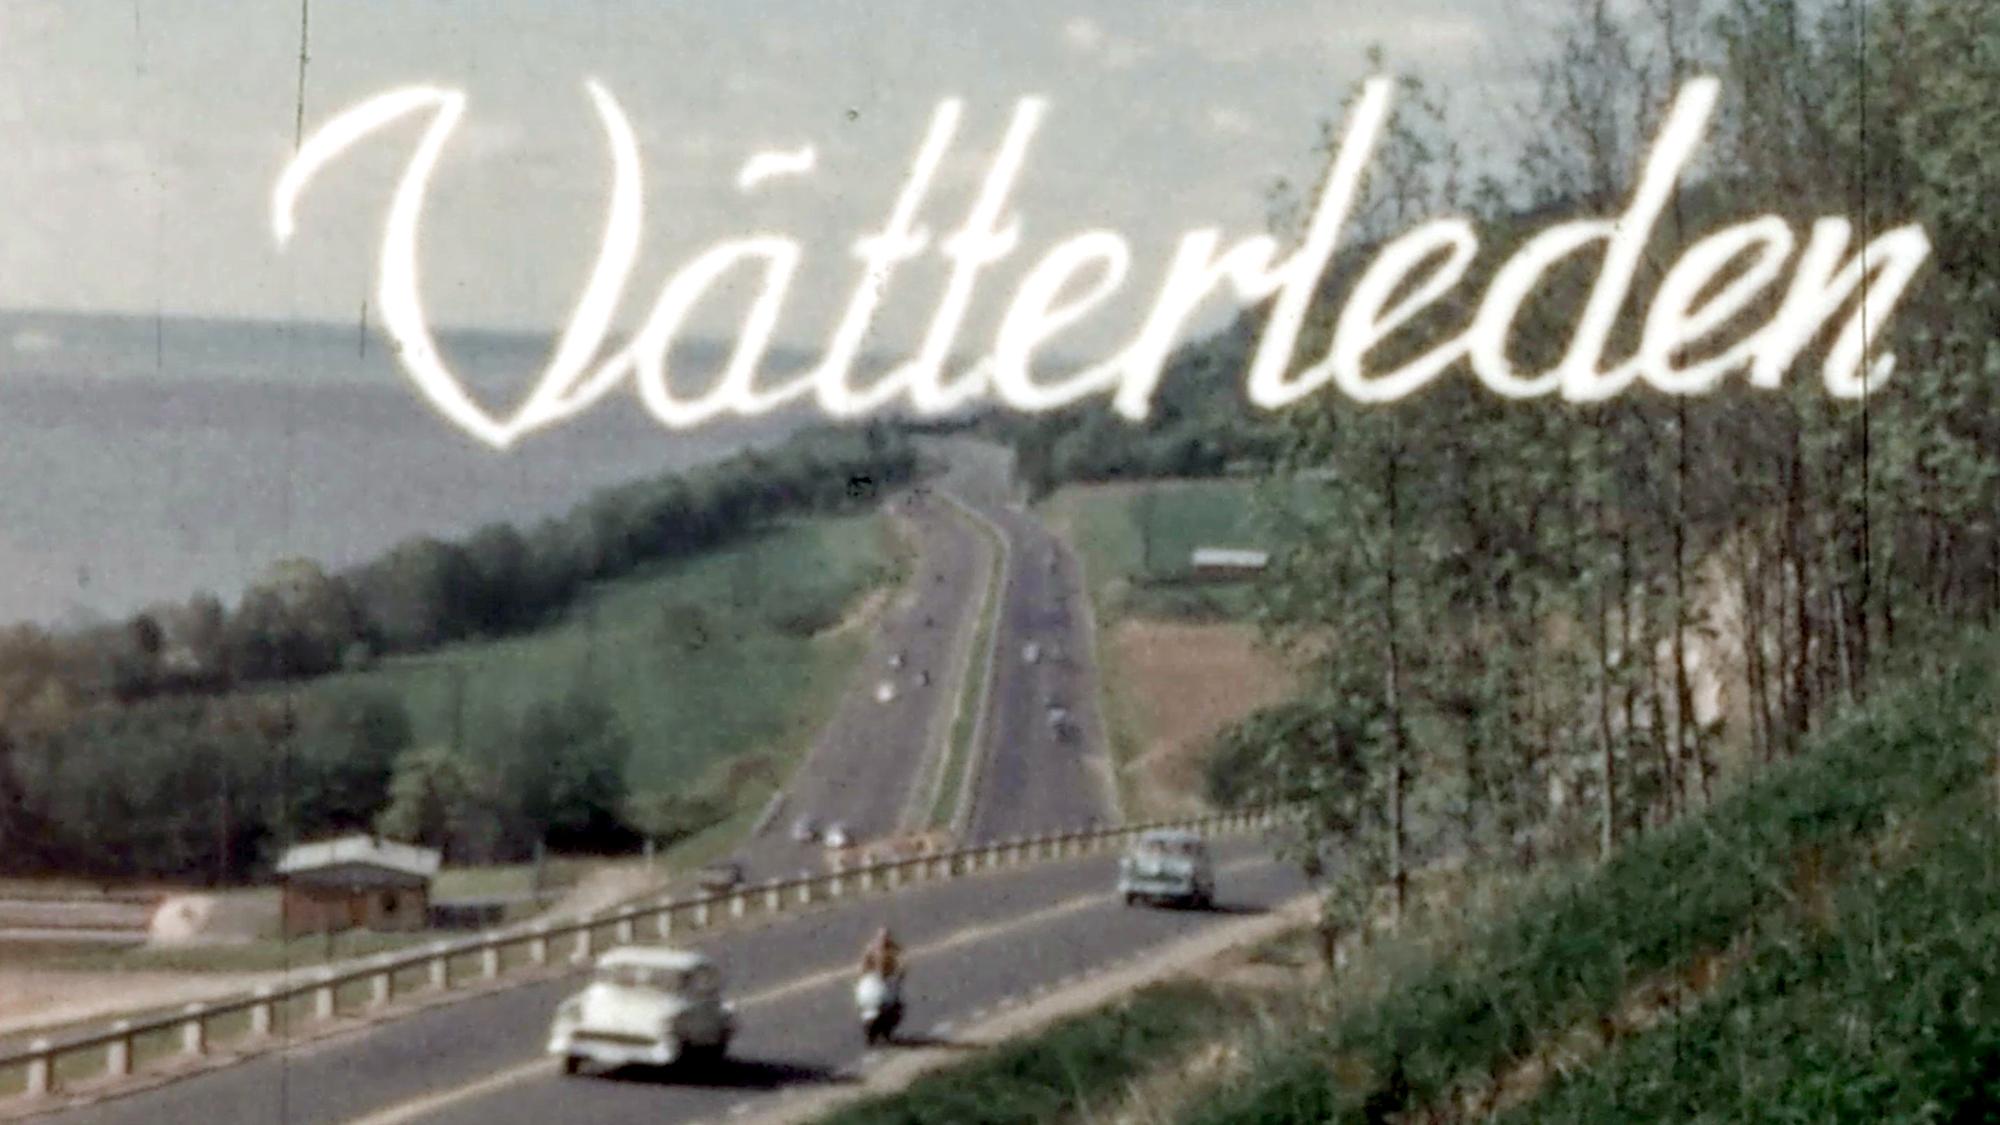 En stillbild ur en äldre film, med vy över en motorled genom ett grönskande landskap. I bilden står titeln Vätterleden